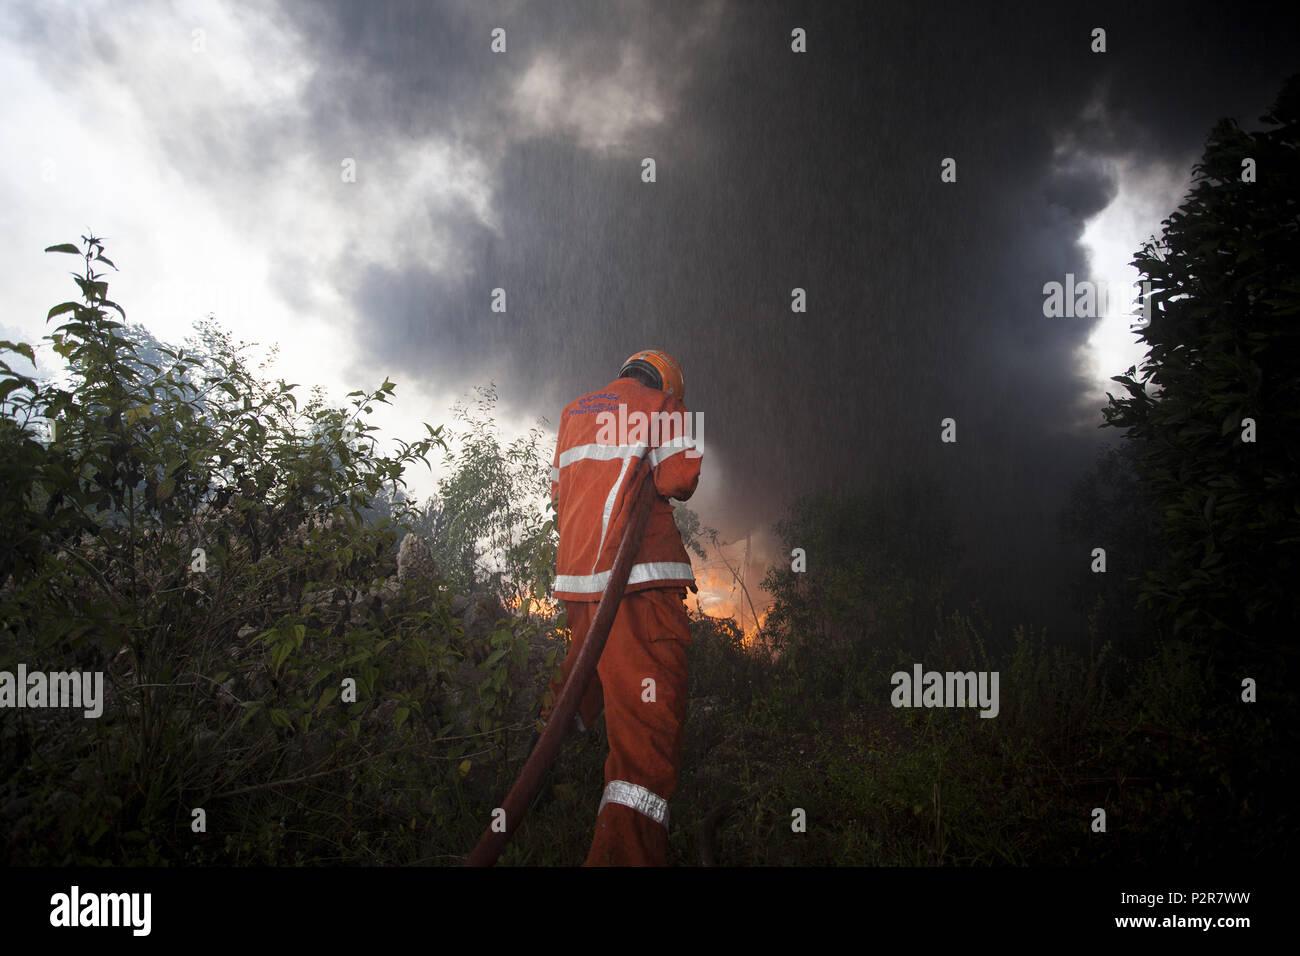 Sungai Petani, Kedah, Malaysia  16th June, 2018  A fire fighter is